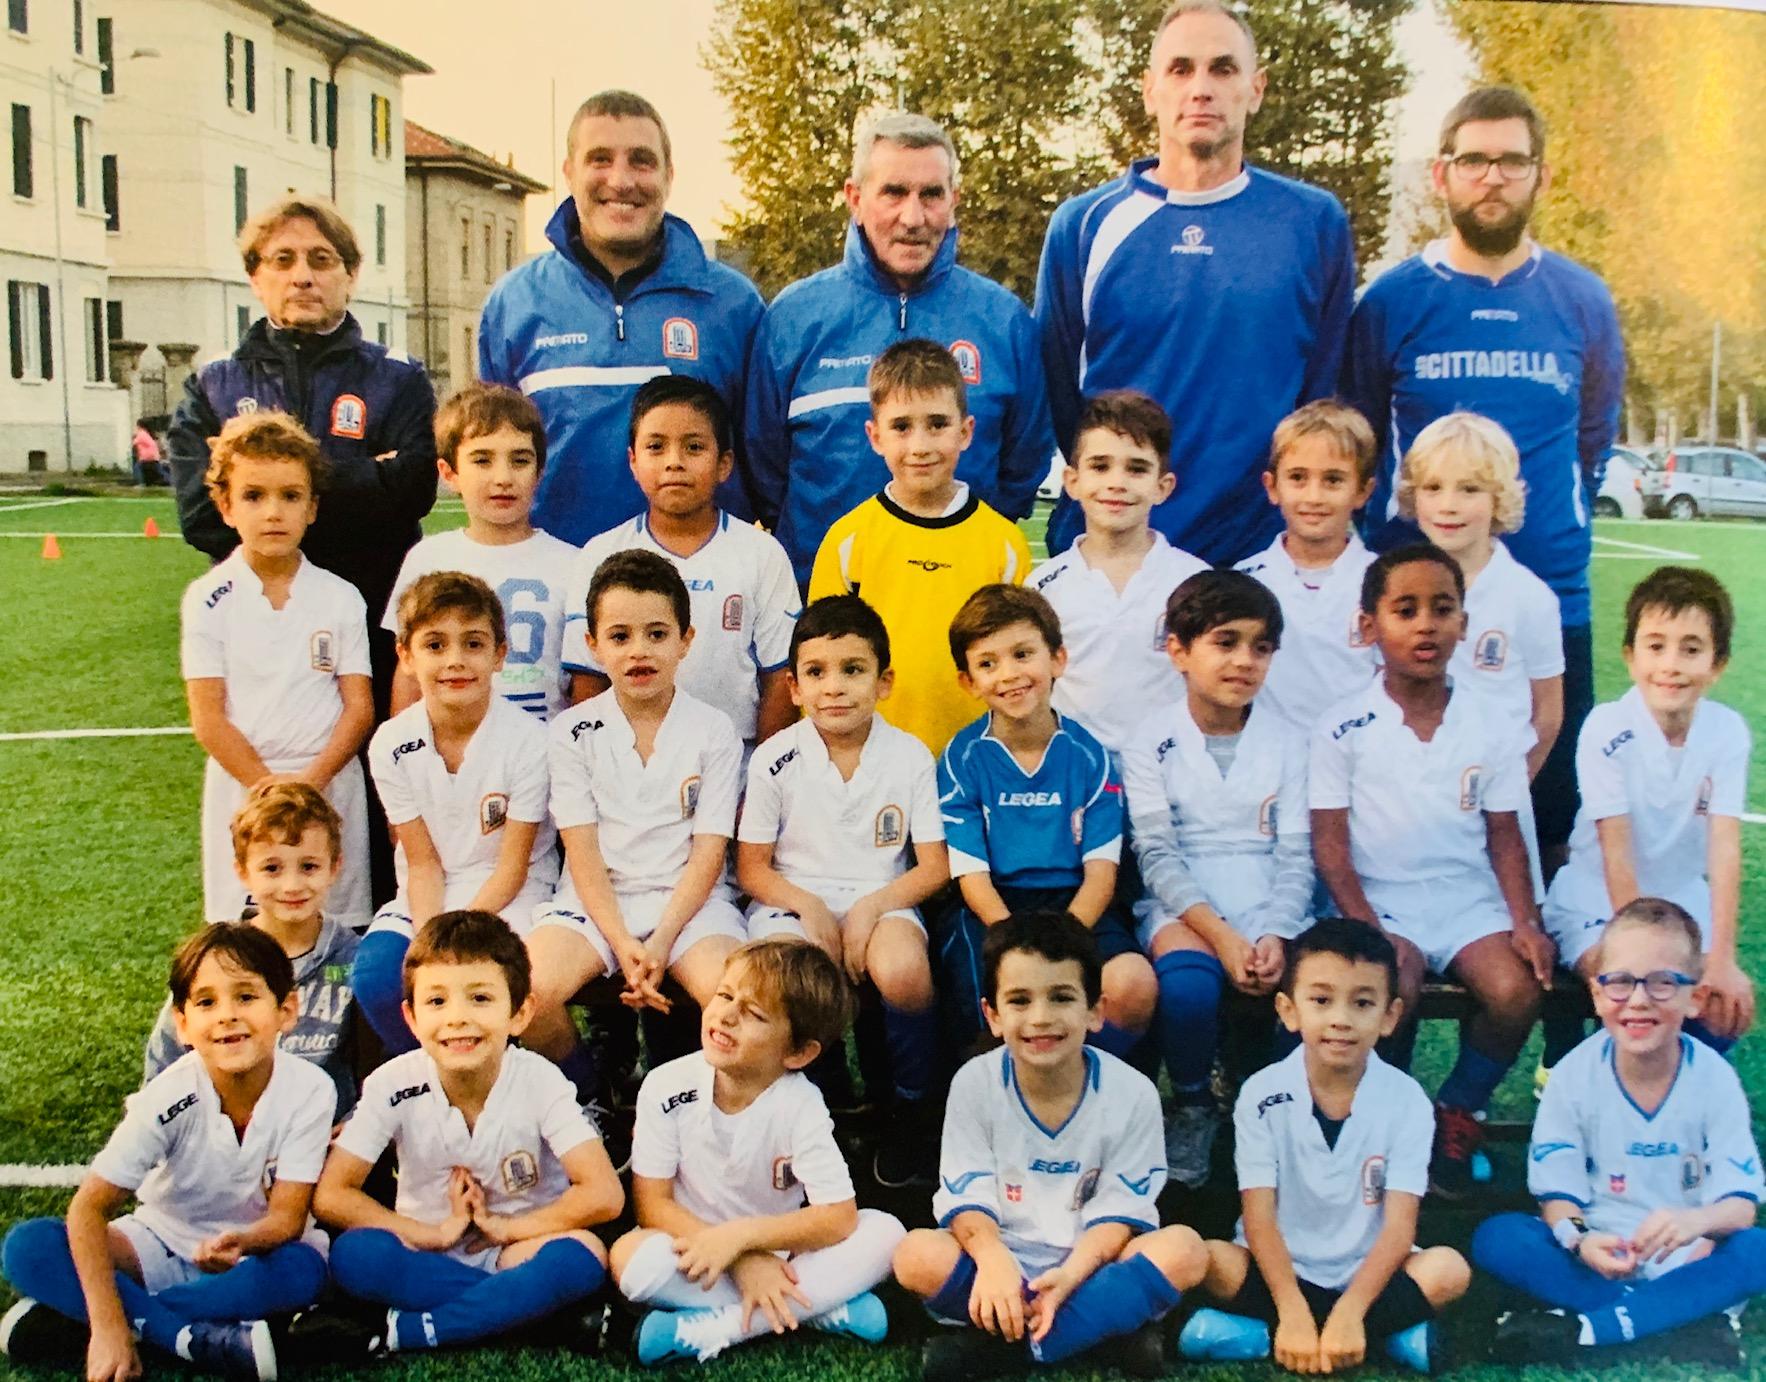 scuola calcio Citatdella